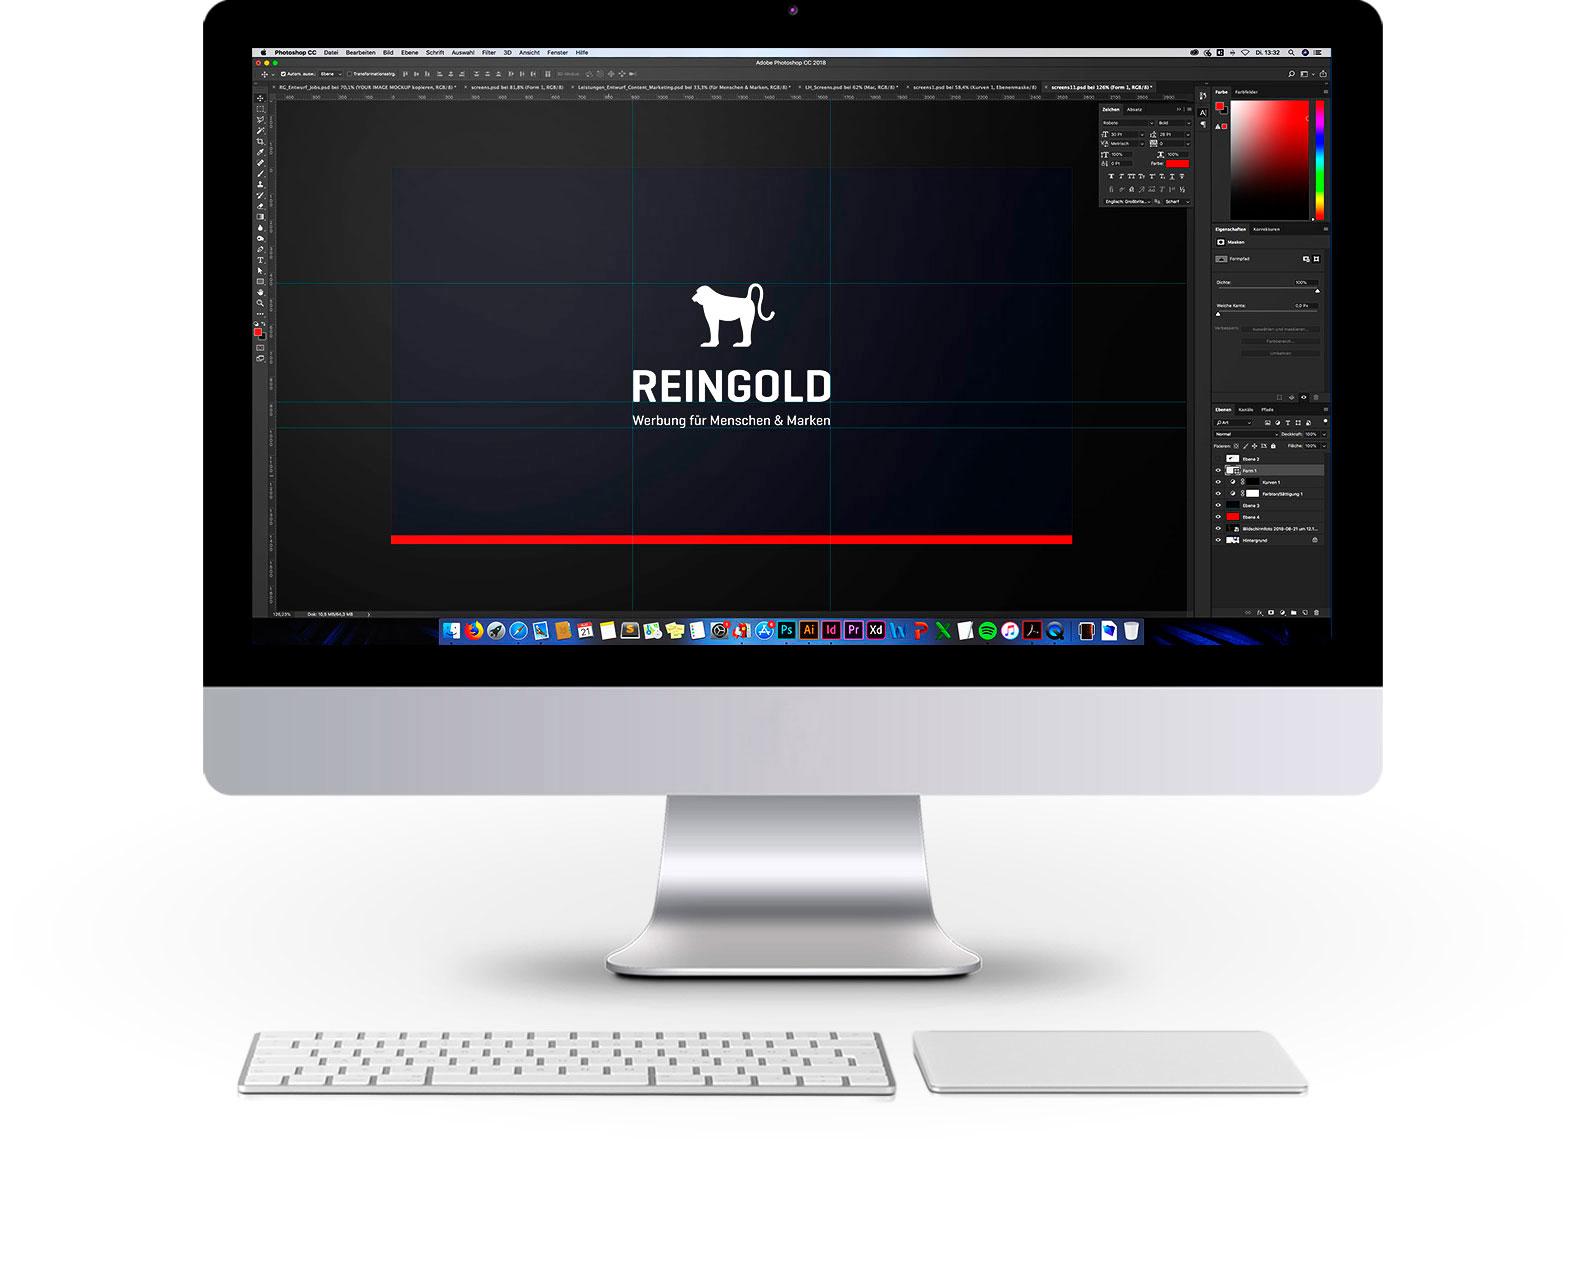 REINGOLD – Werbung für Menschen & Marken